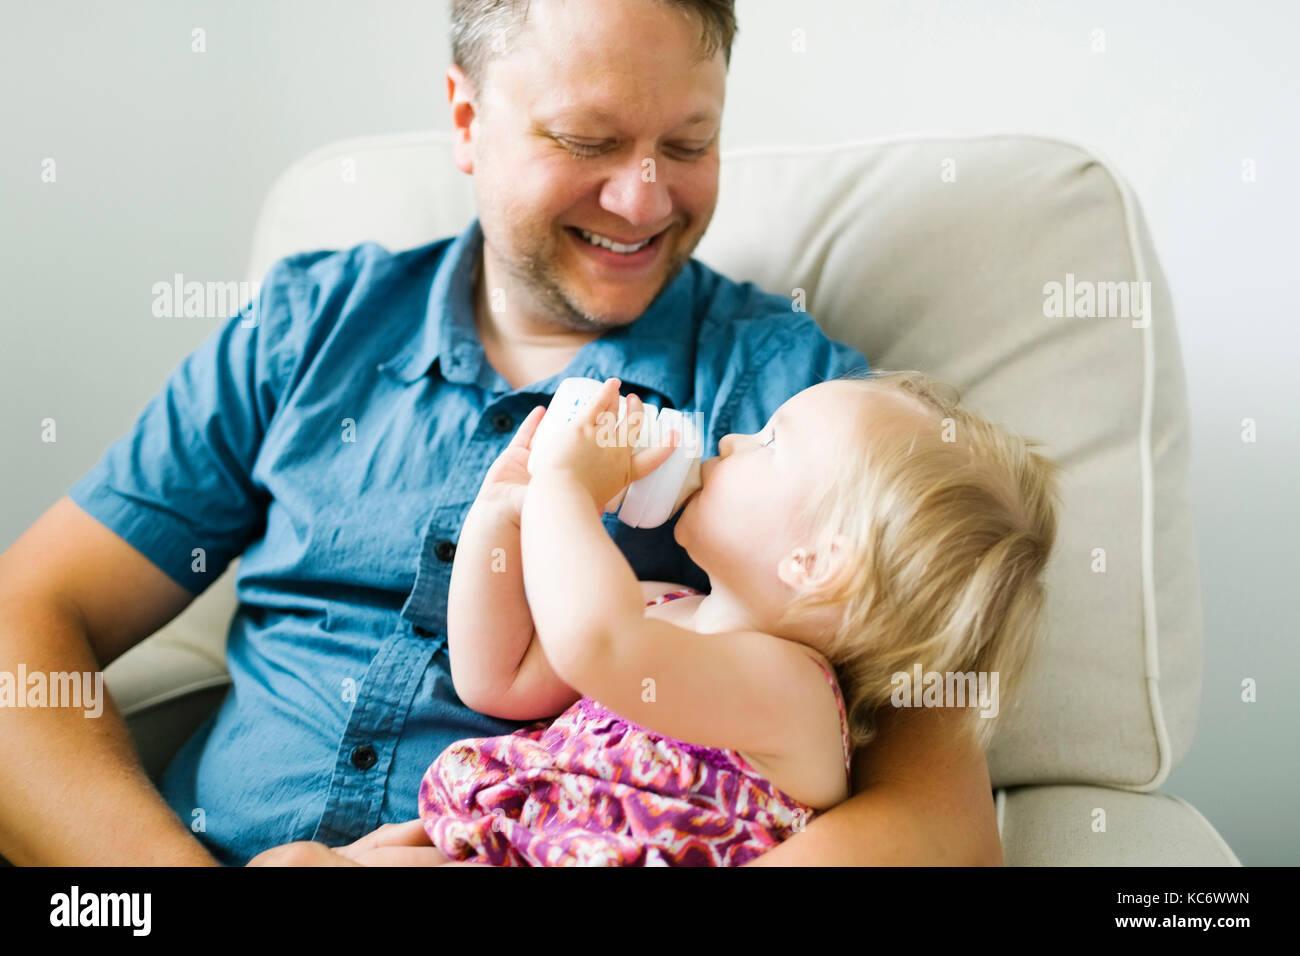 Vater feeding baby girl (12-17 Monate) im Wohnzimmer. Stockbild